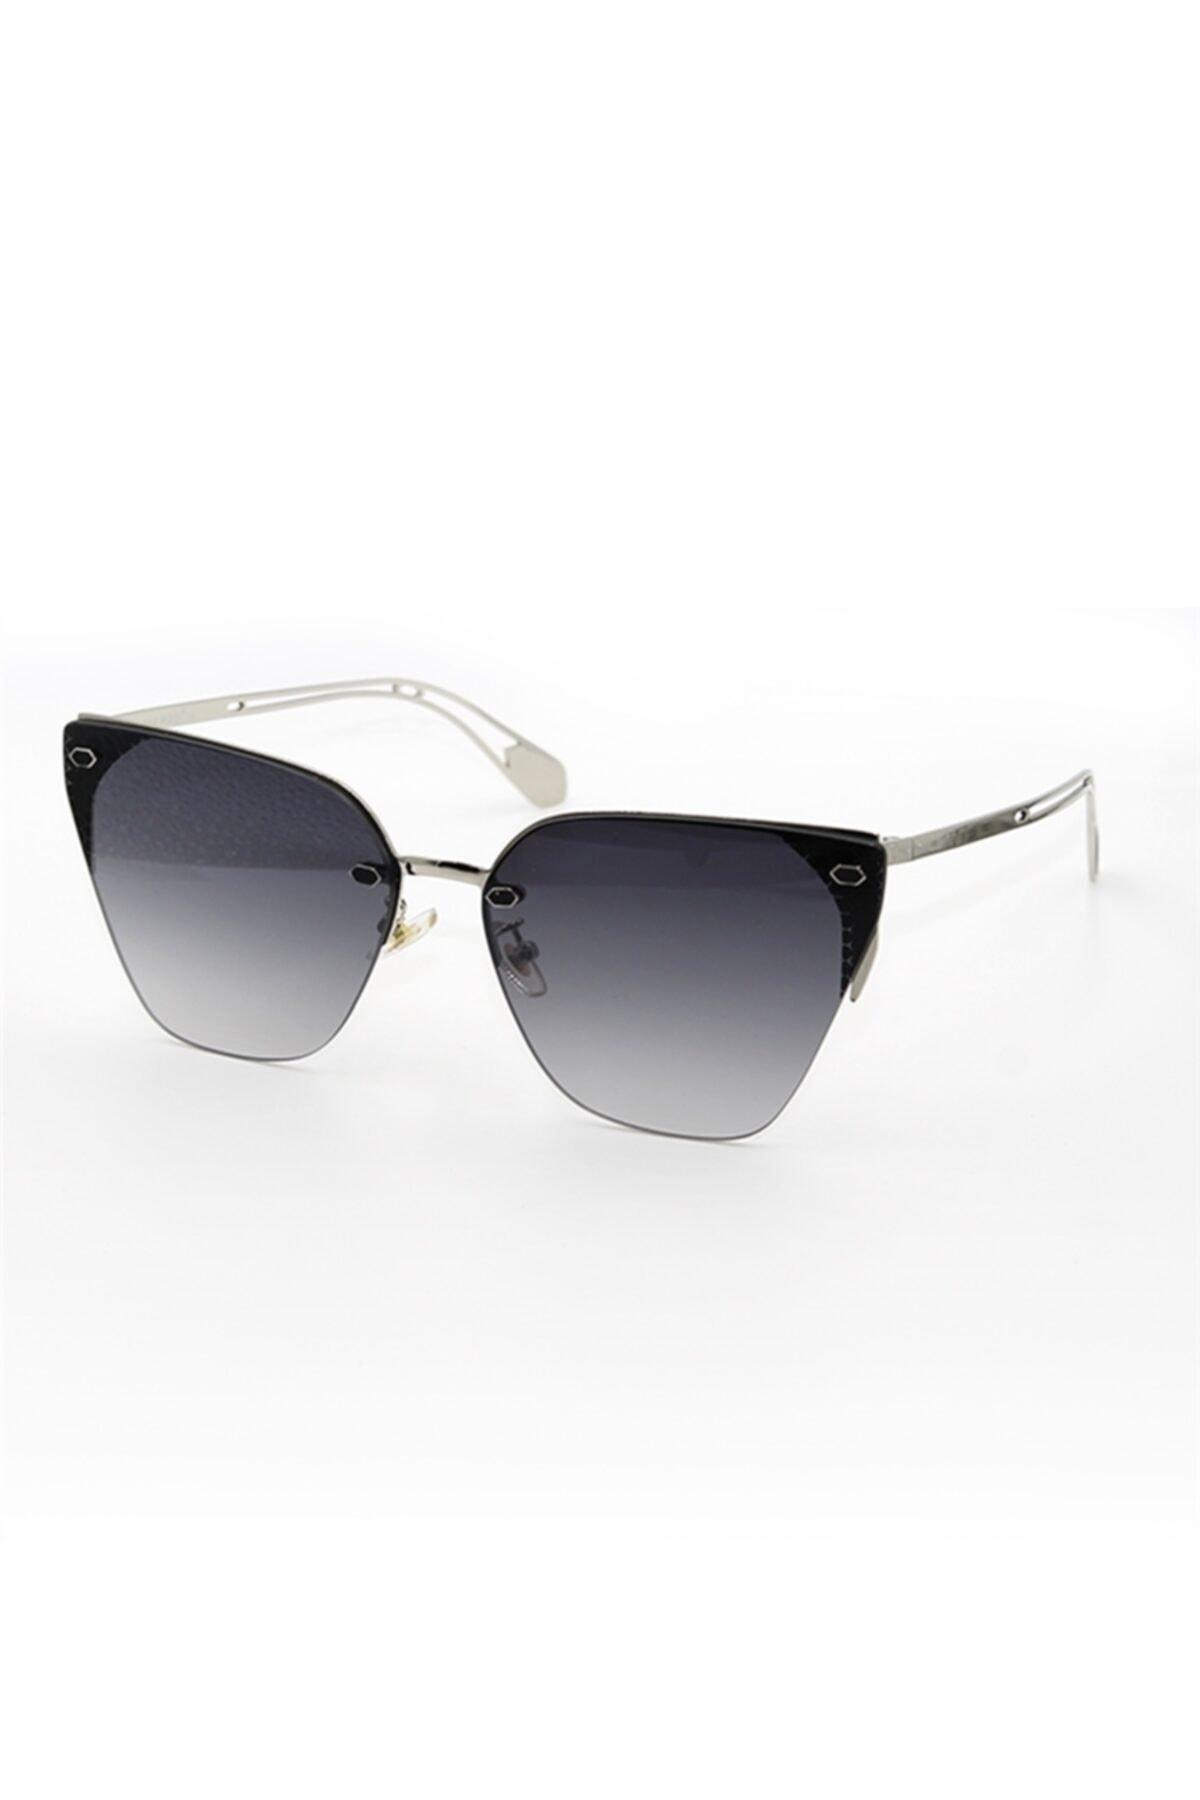 خرید اینترنتی عینک آفتابی زنانه برند Max Polo رنگ مشکی کد ty97238713